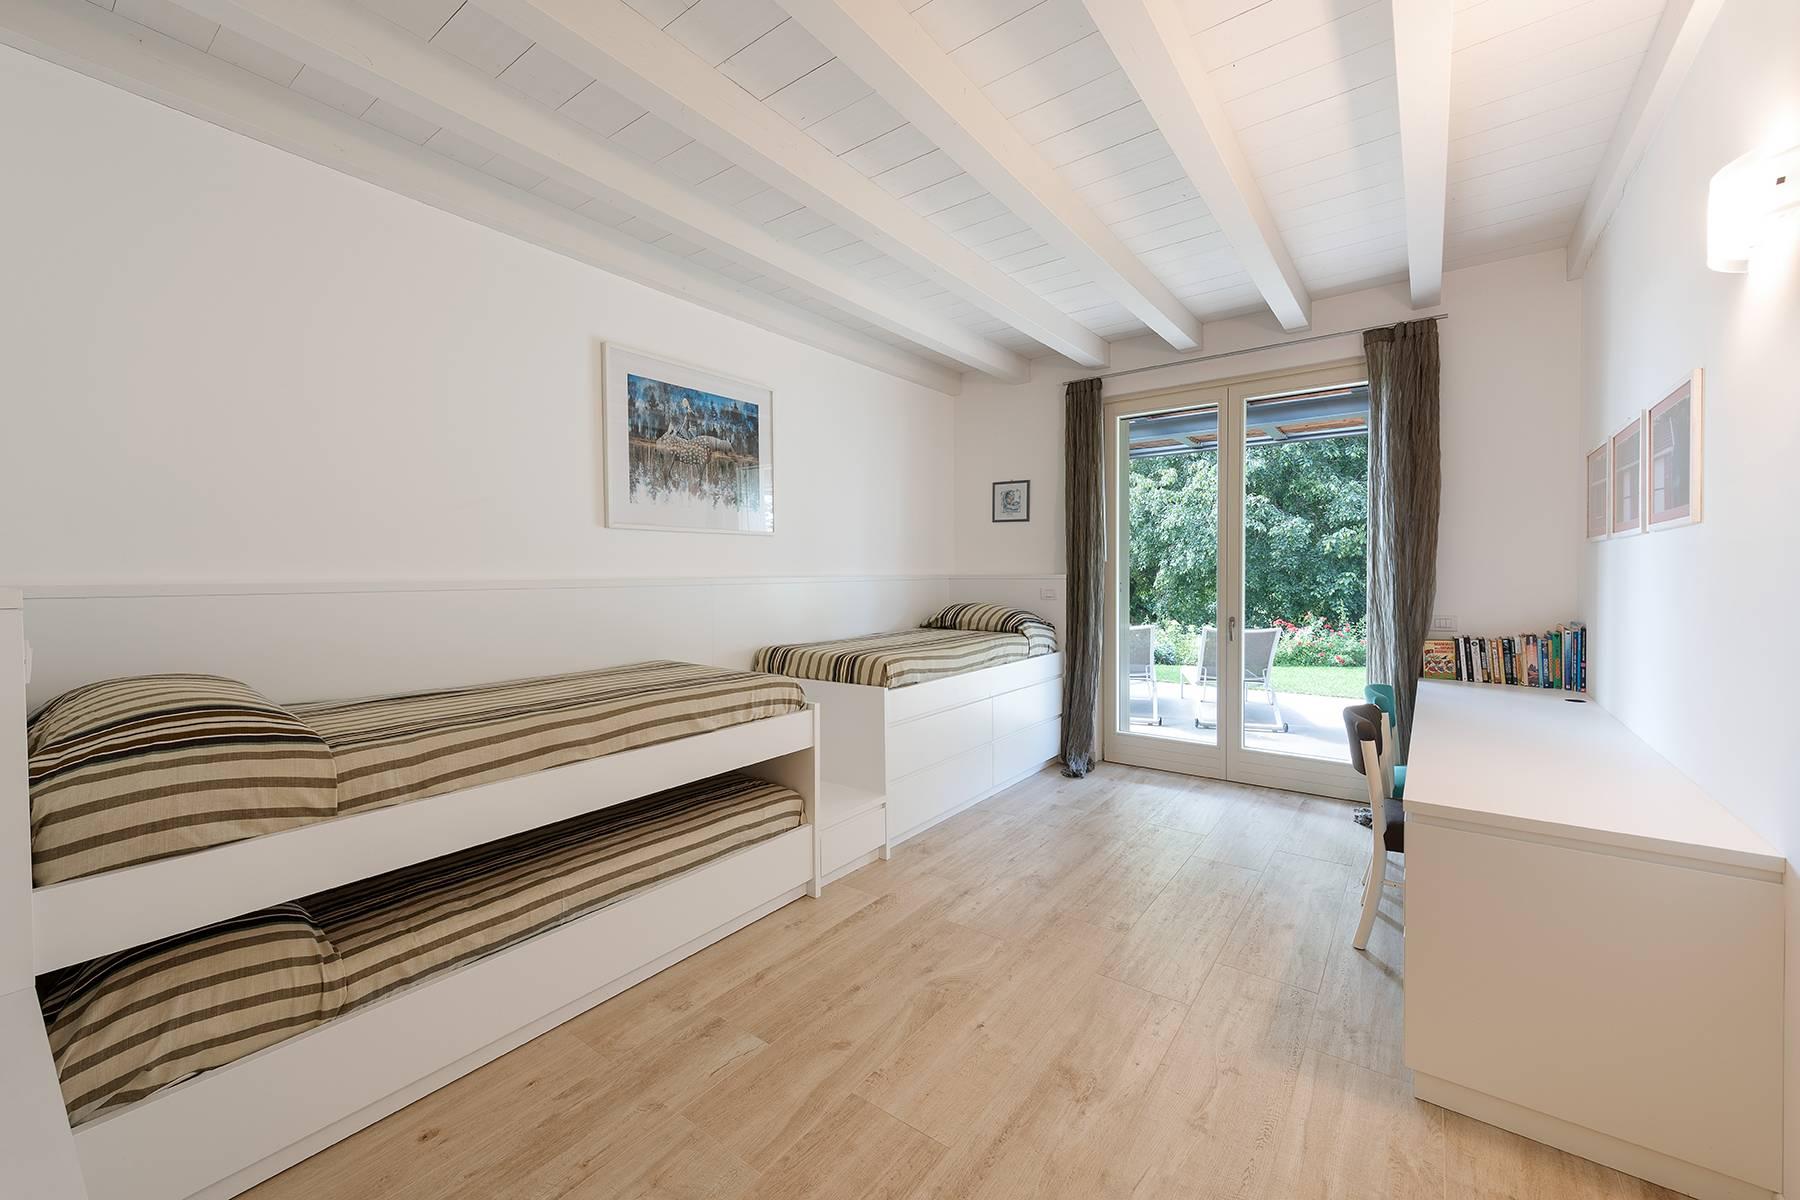 Villa in Vendita a Bardolino: 5 locali, 230 mq - Foto 6